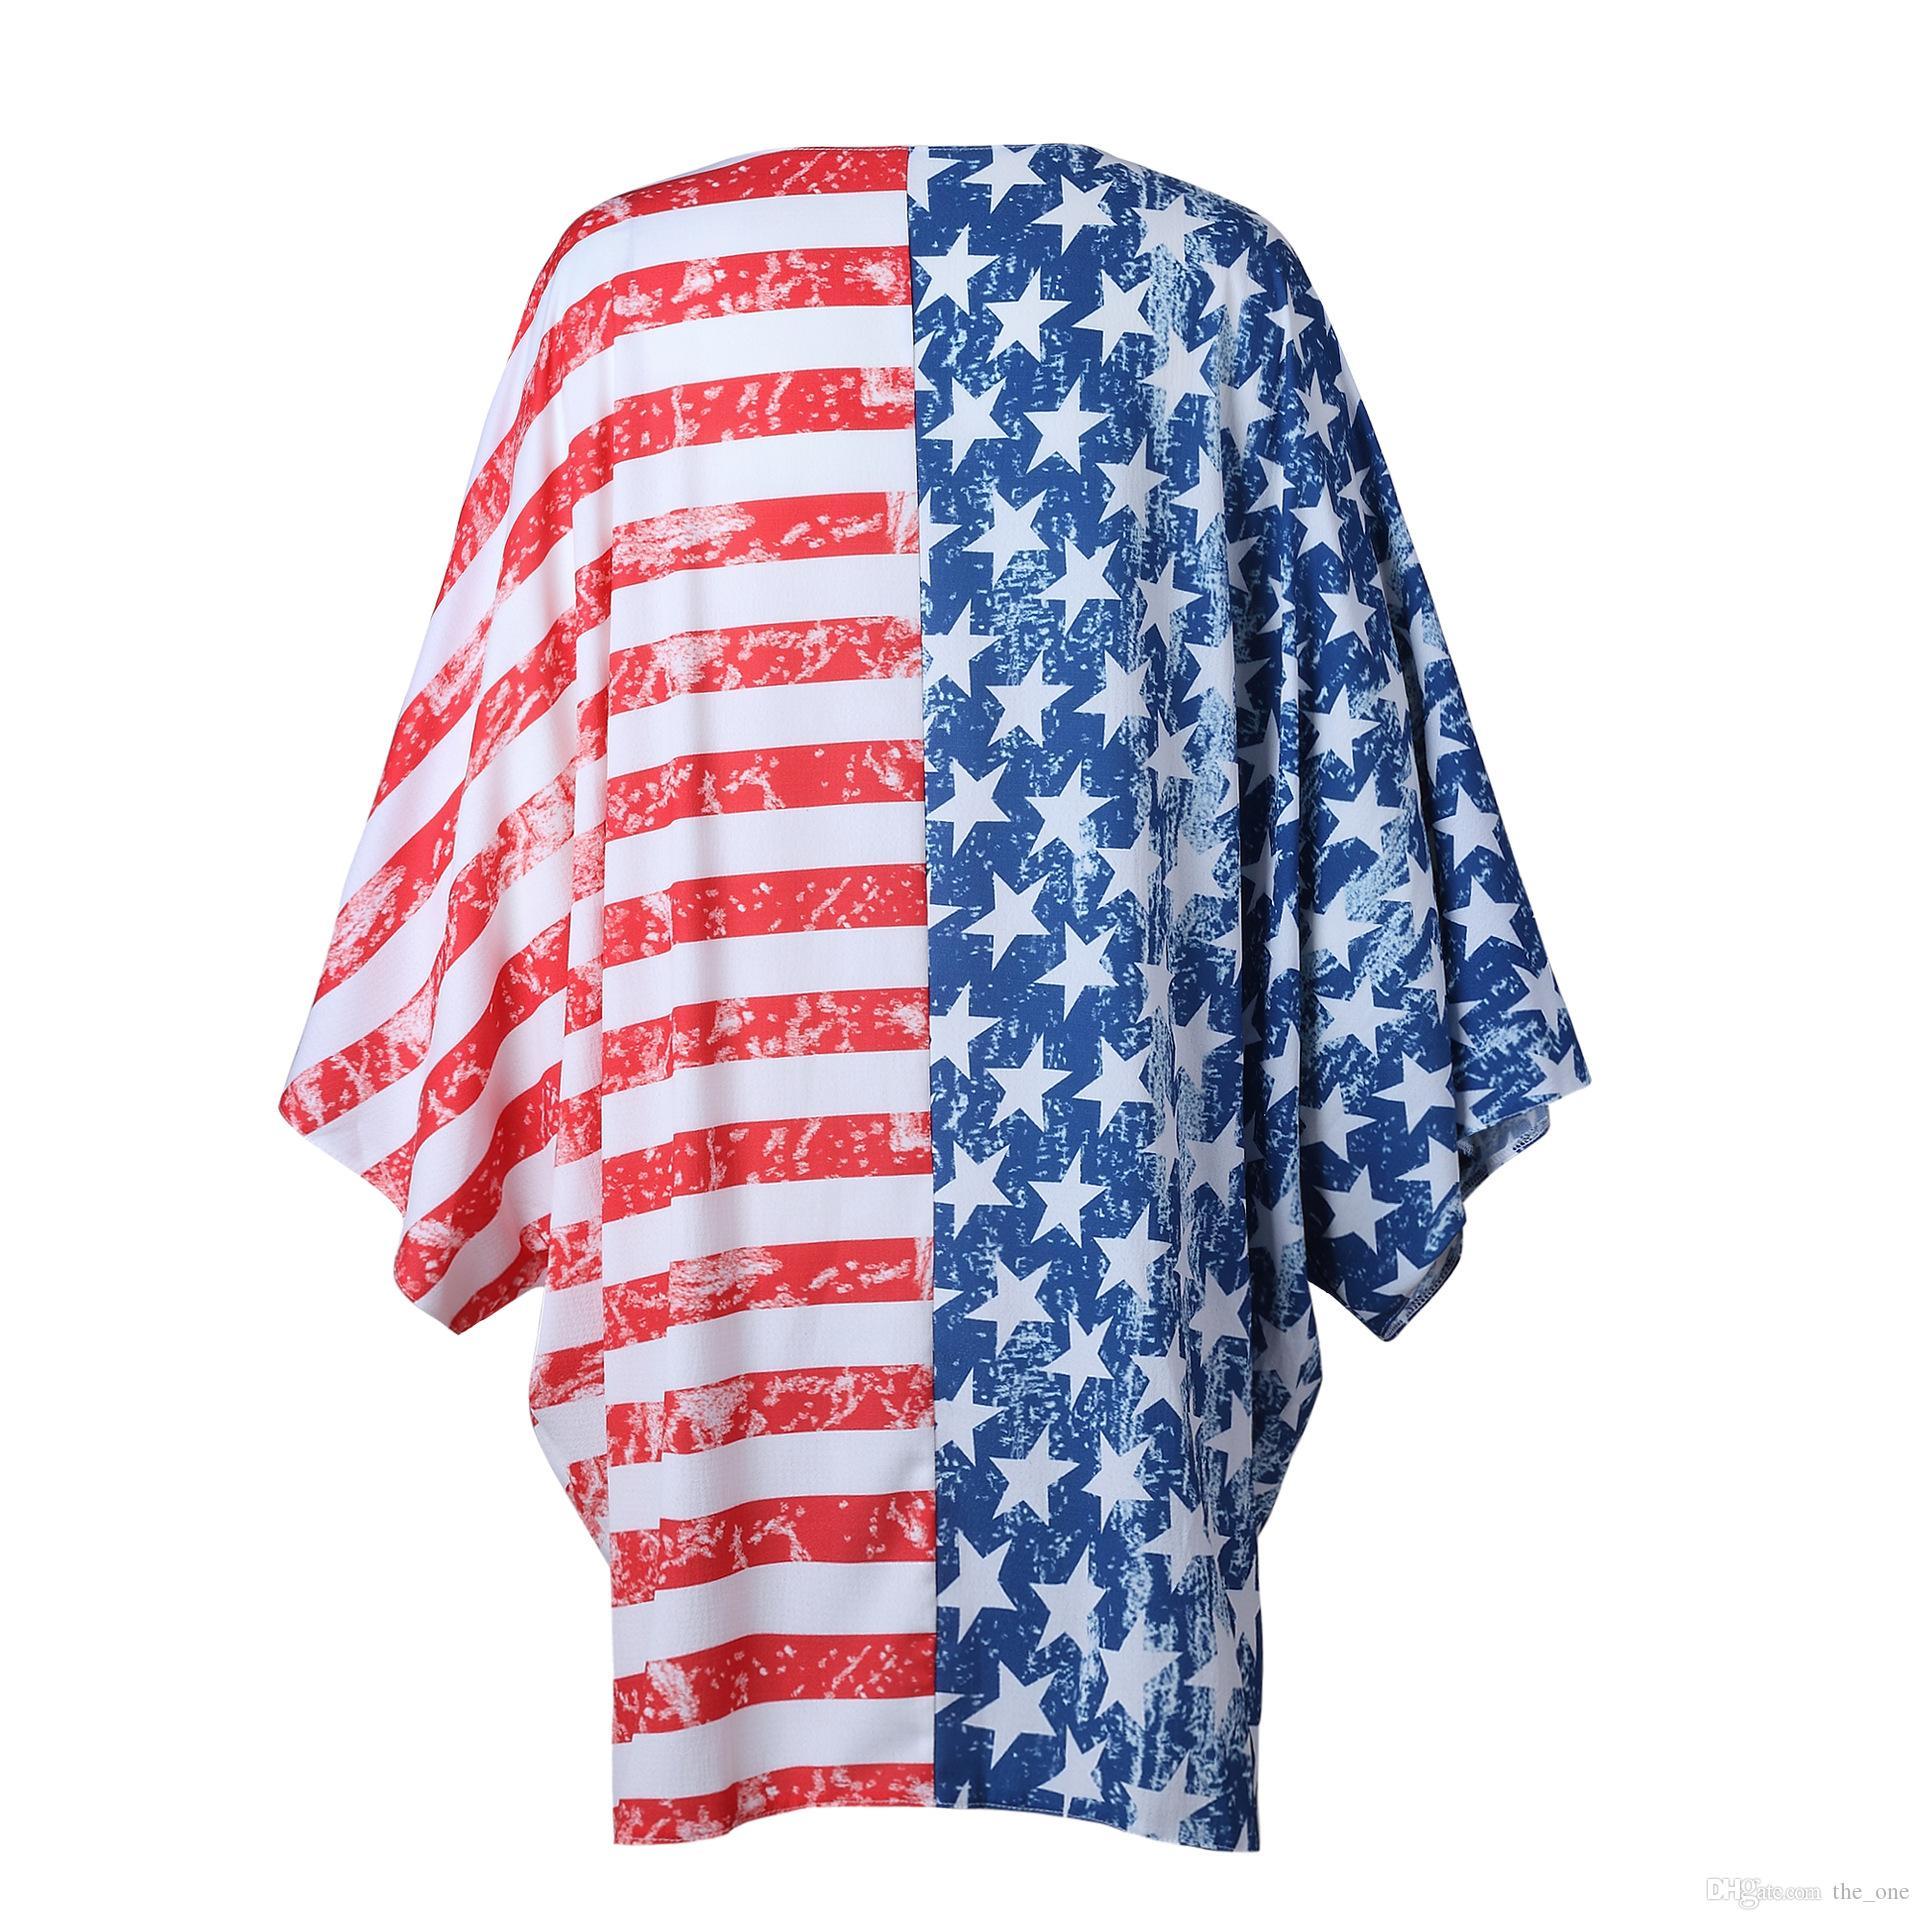 2018 Primavera Verano Día de la Independencia Bandera Nacional Americana Chaqueta de punto de manga larga Trajes de mujer de rayas rojas de moda de maternidad embarazada Tops